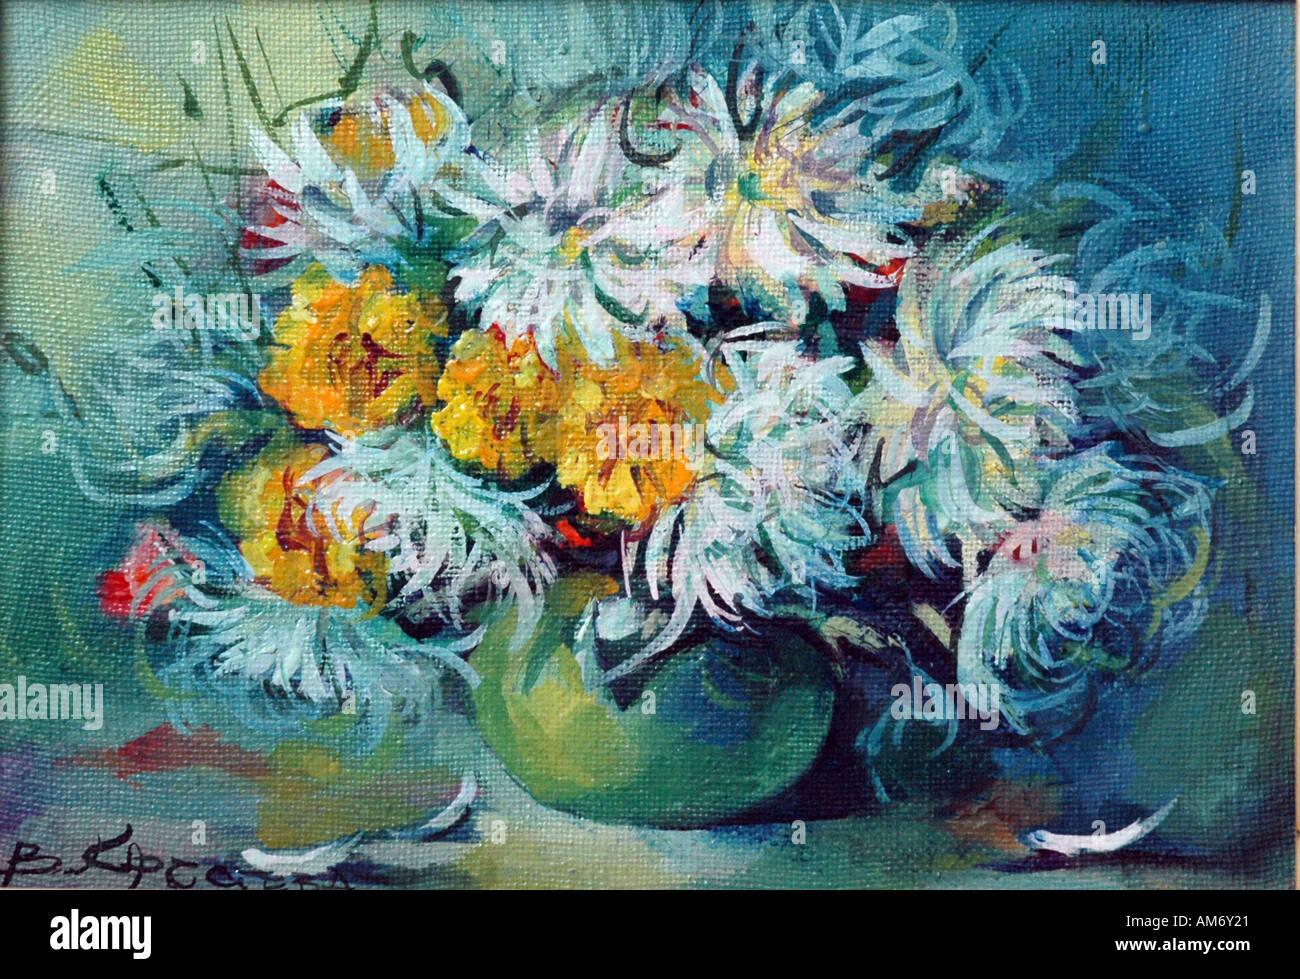 Fiori pittura a olio Immagini Stock